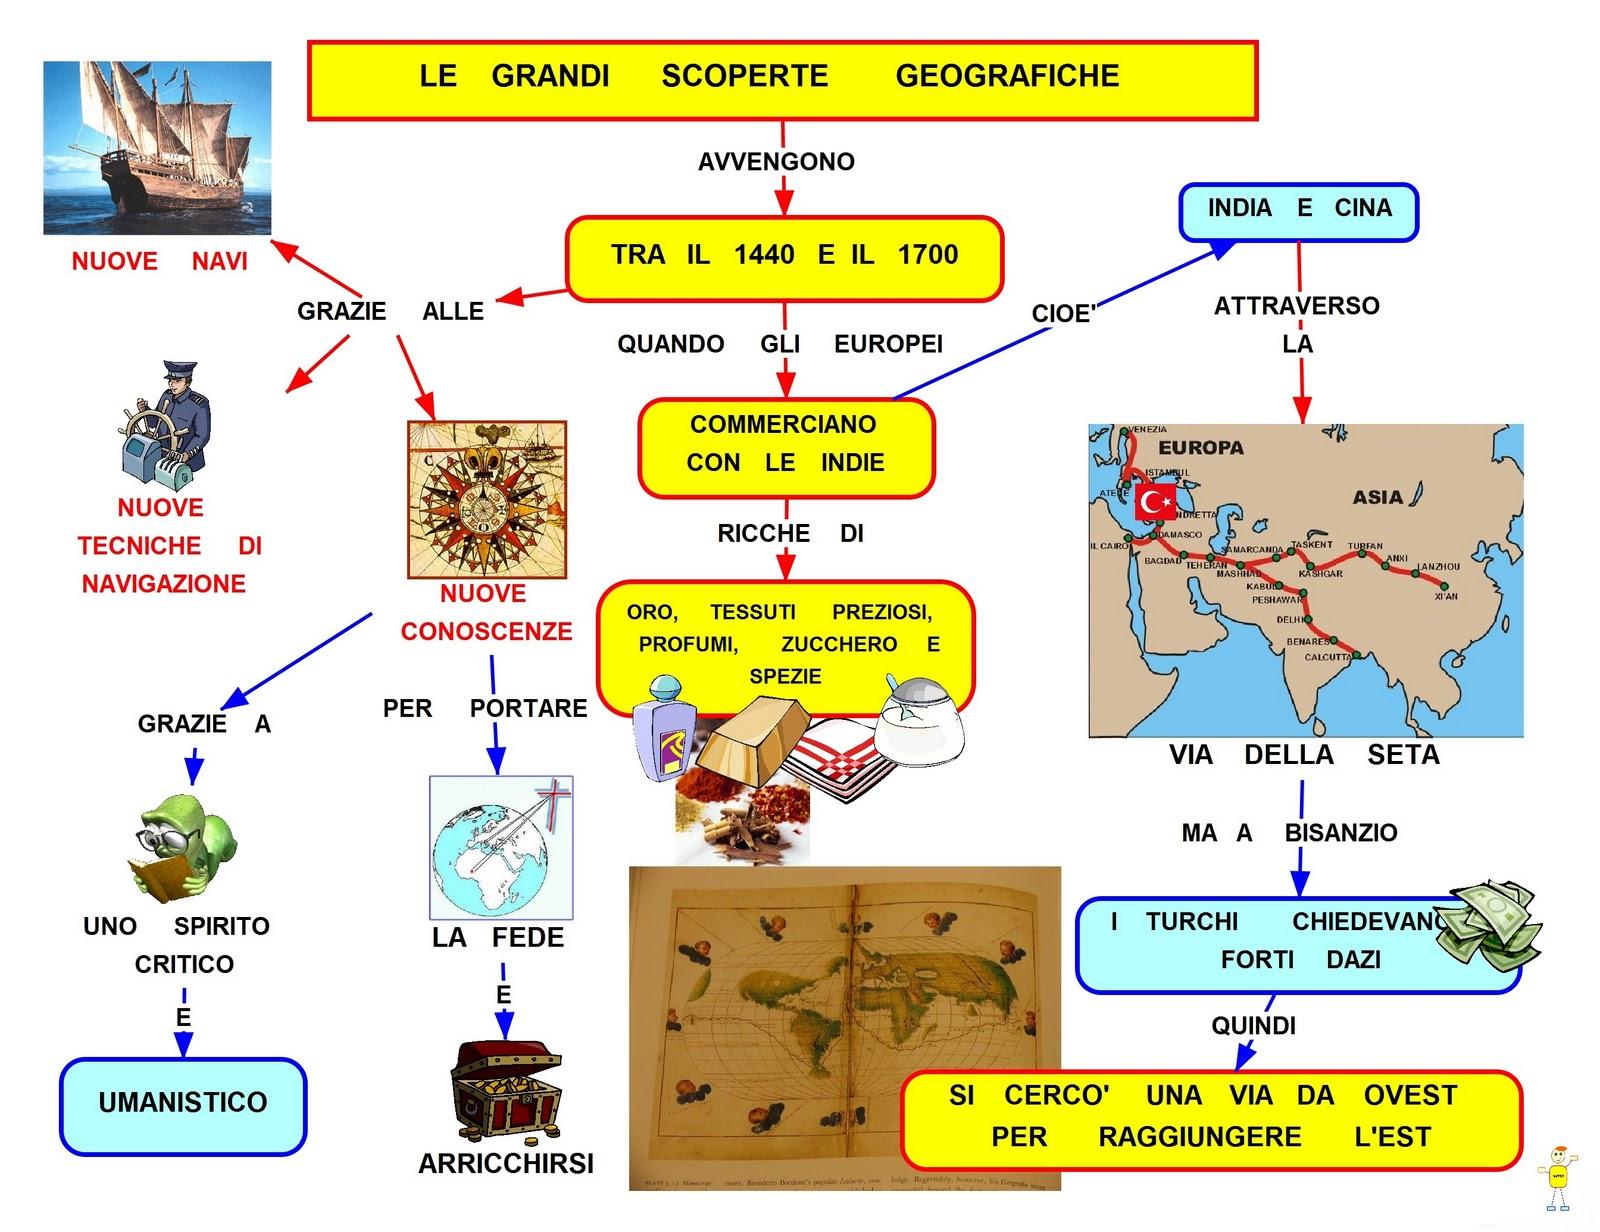 Mappa concettuale scoperte geografiche for Piani storici per la seconda casa dell impero